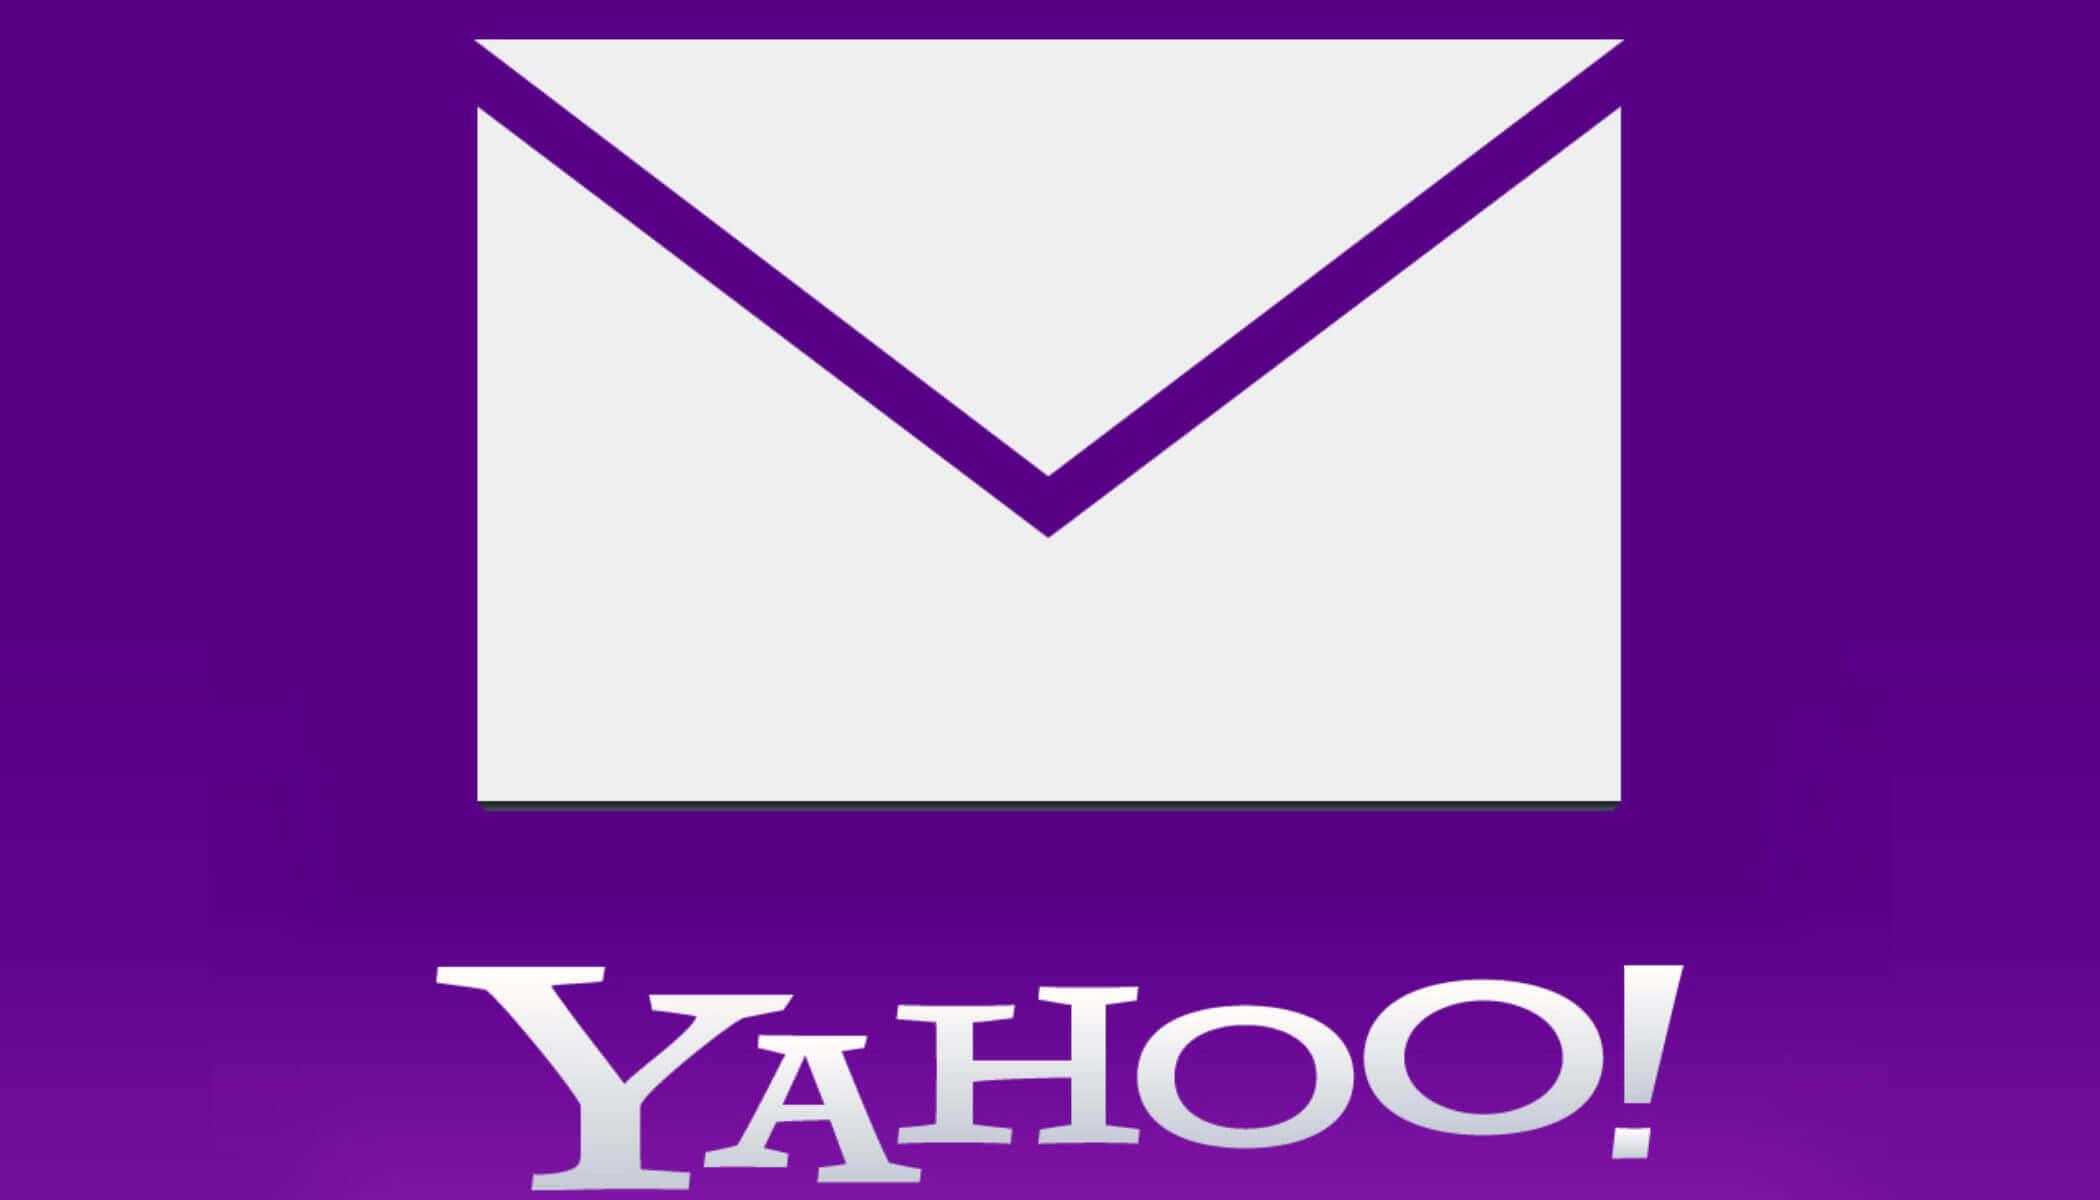 تنزيل ياهو للايفون الياهو Yahoo free download تحميل ياهو ميل بالعربي شركة ياهو ياهو بحث ياهو مكتوب عربي ايميل ياهو عربي مراسلة شركة ياهو